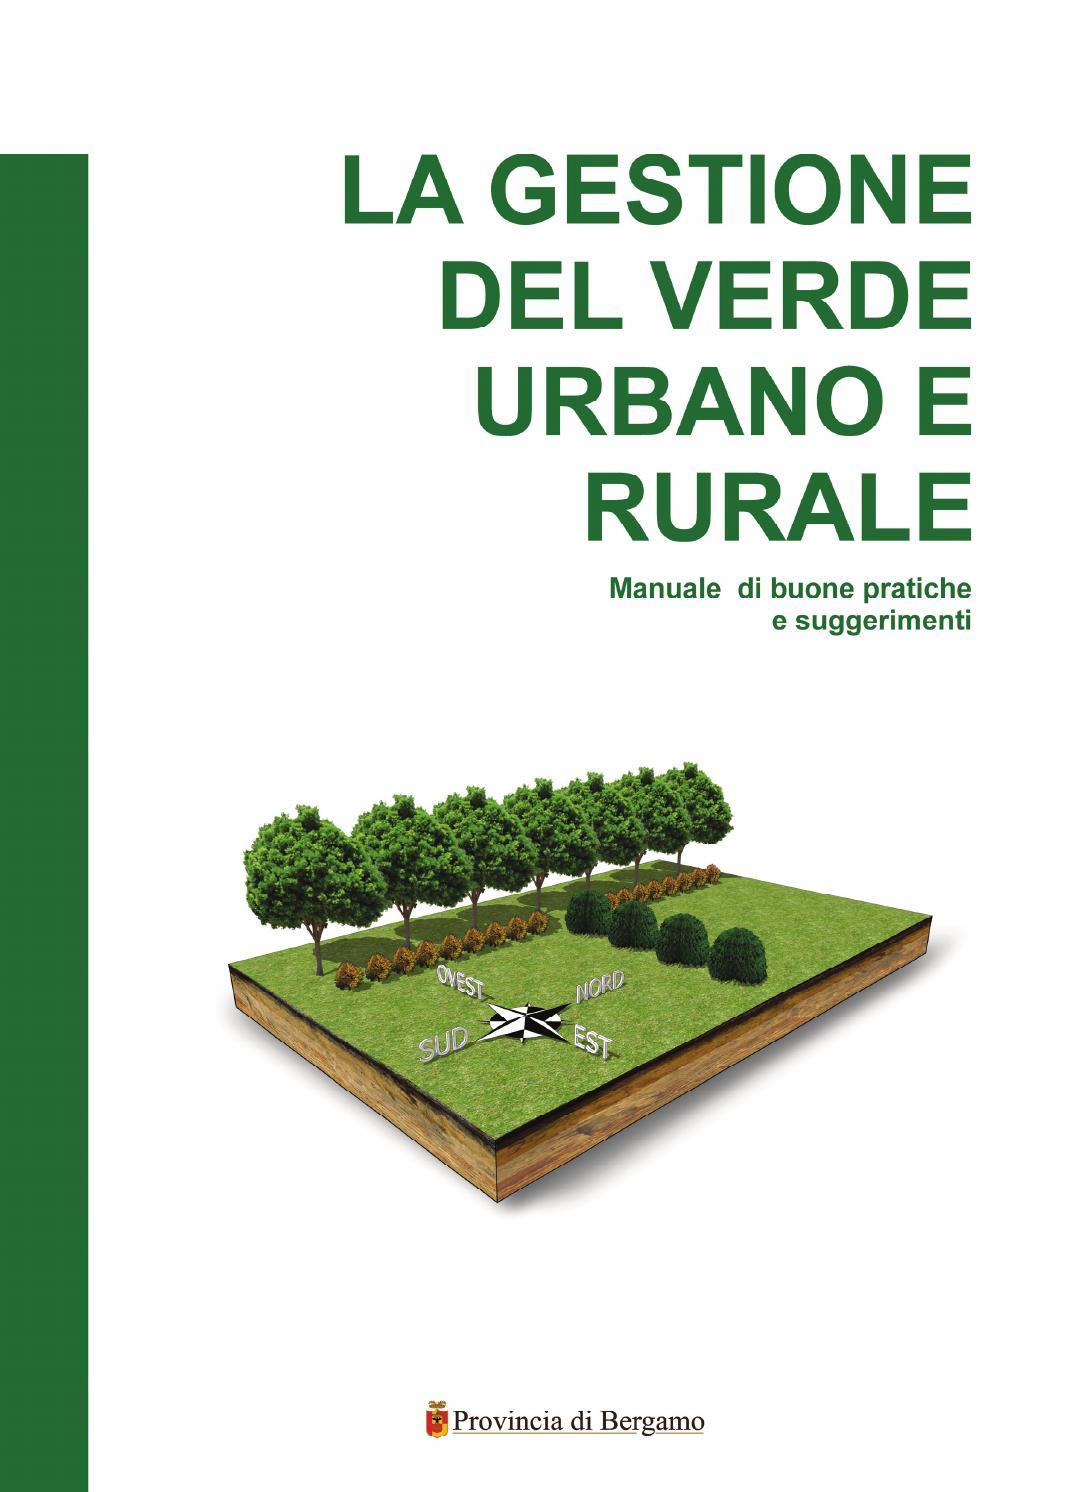 La gestione del verde urbano e rurale by provinciabergamo